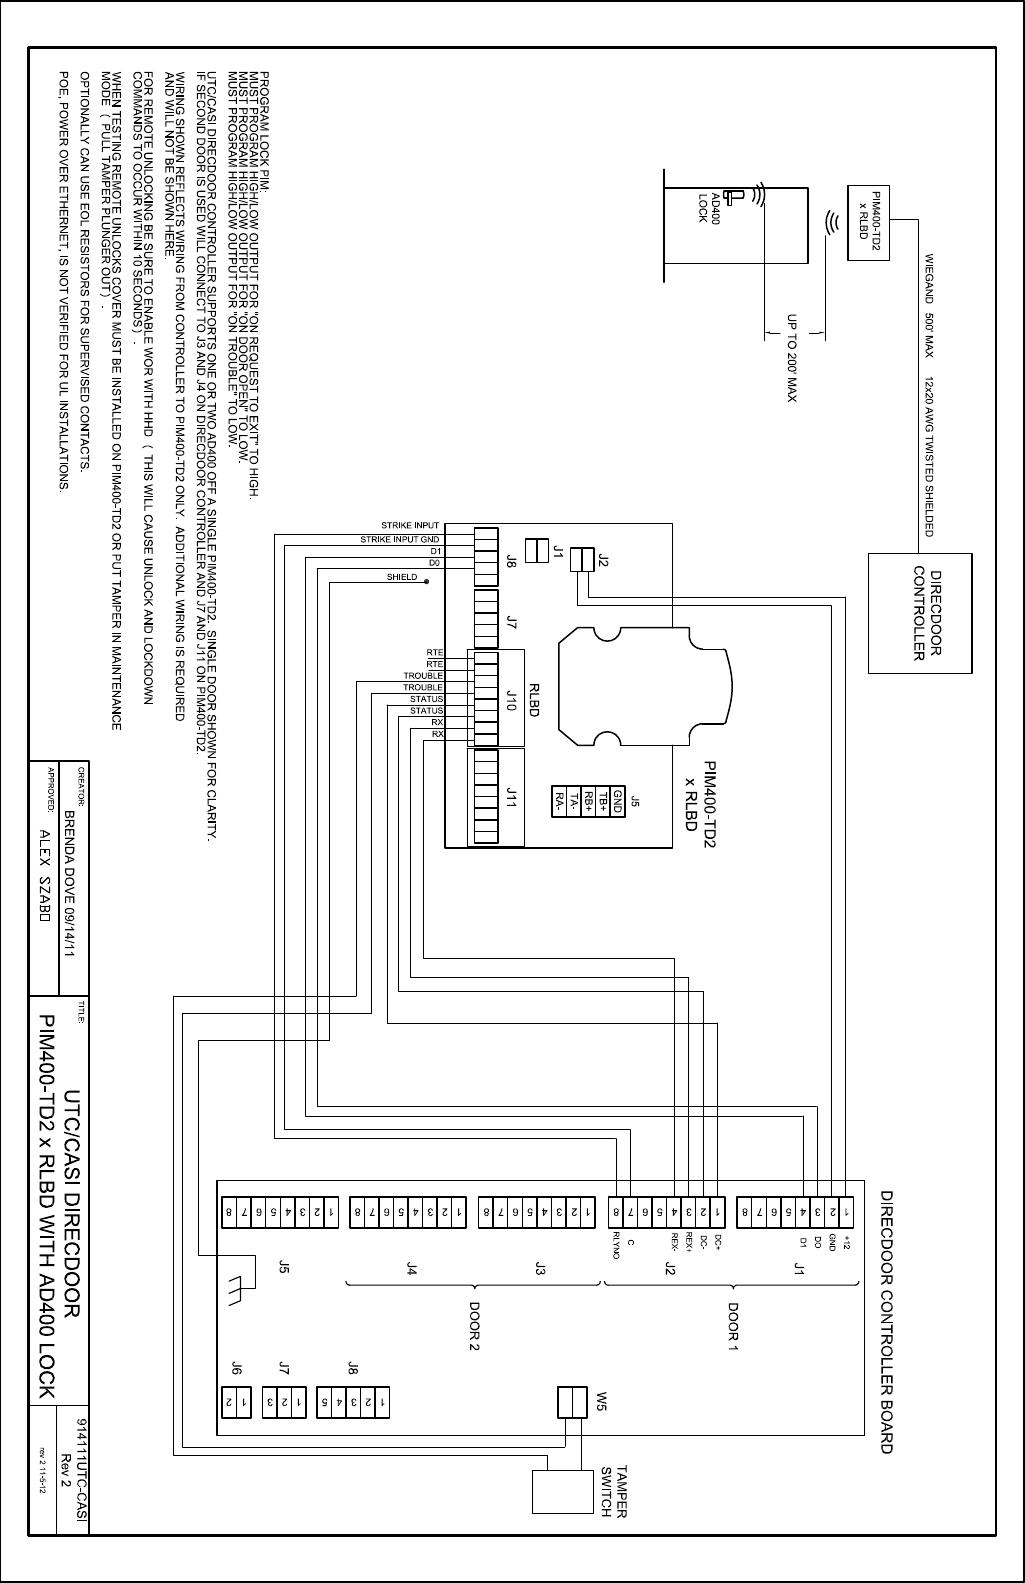 Schlage Electronics C Ad400 Wiring Diagram Utc Casi Direc Door Wiegand 109177